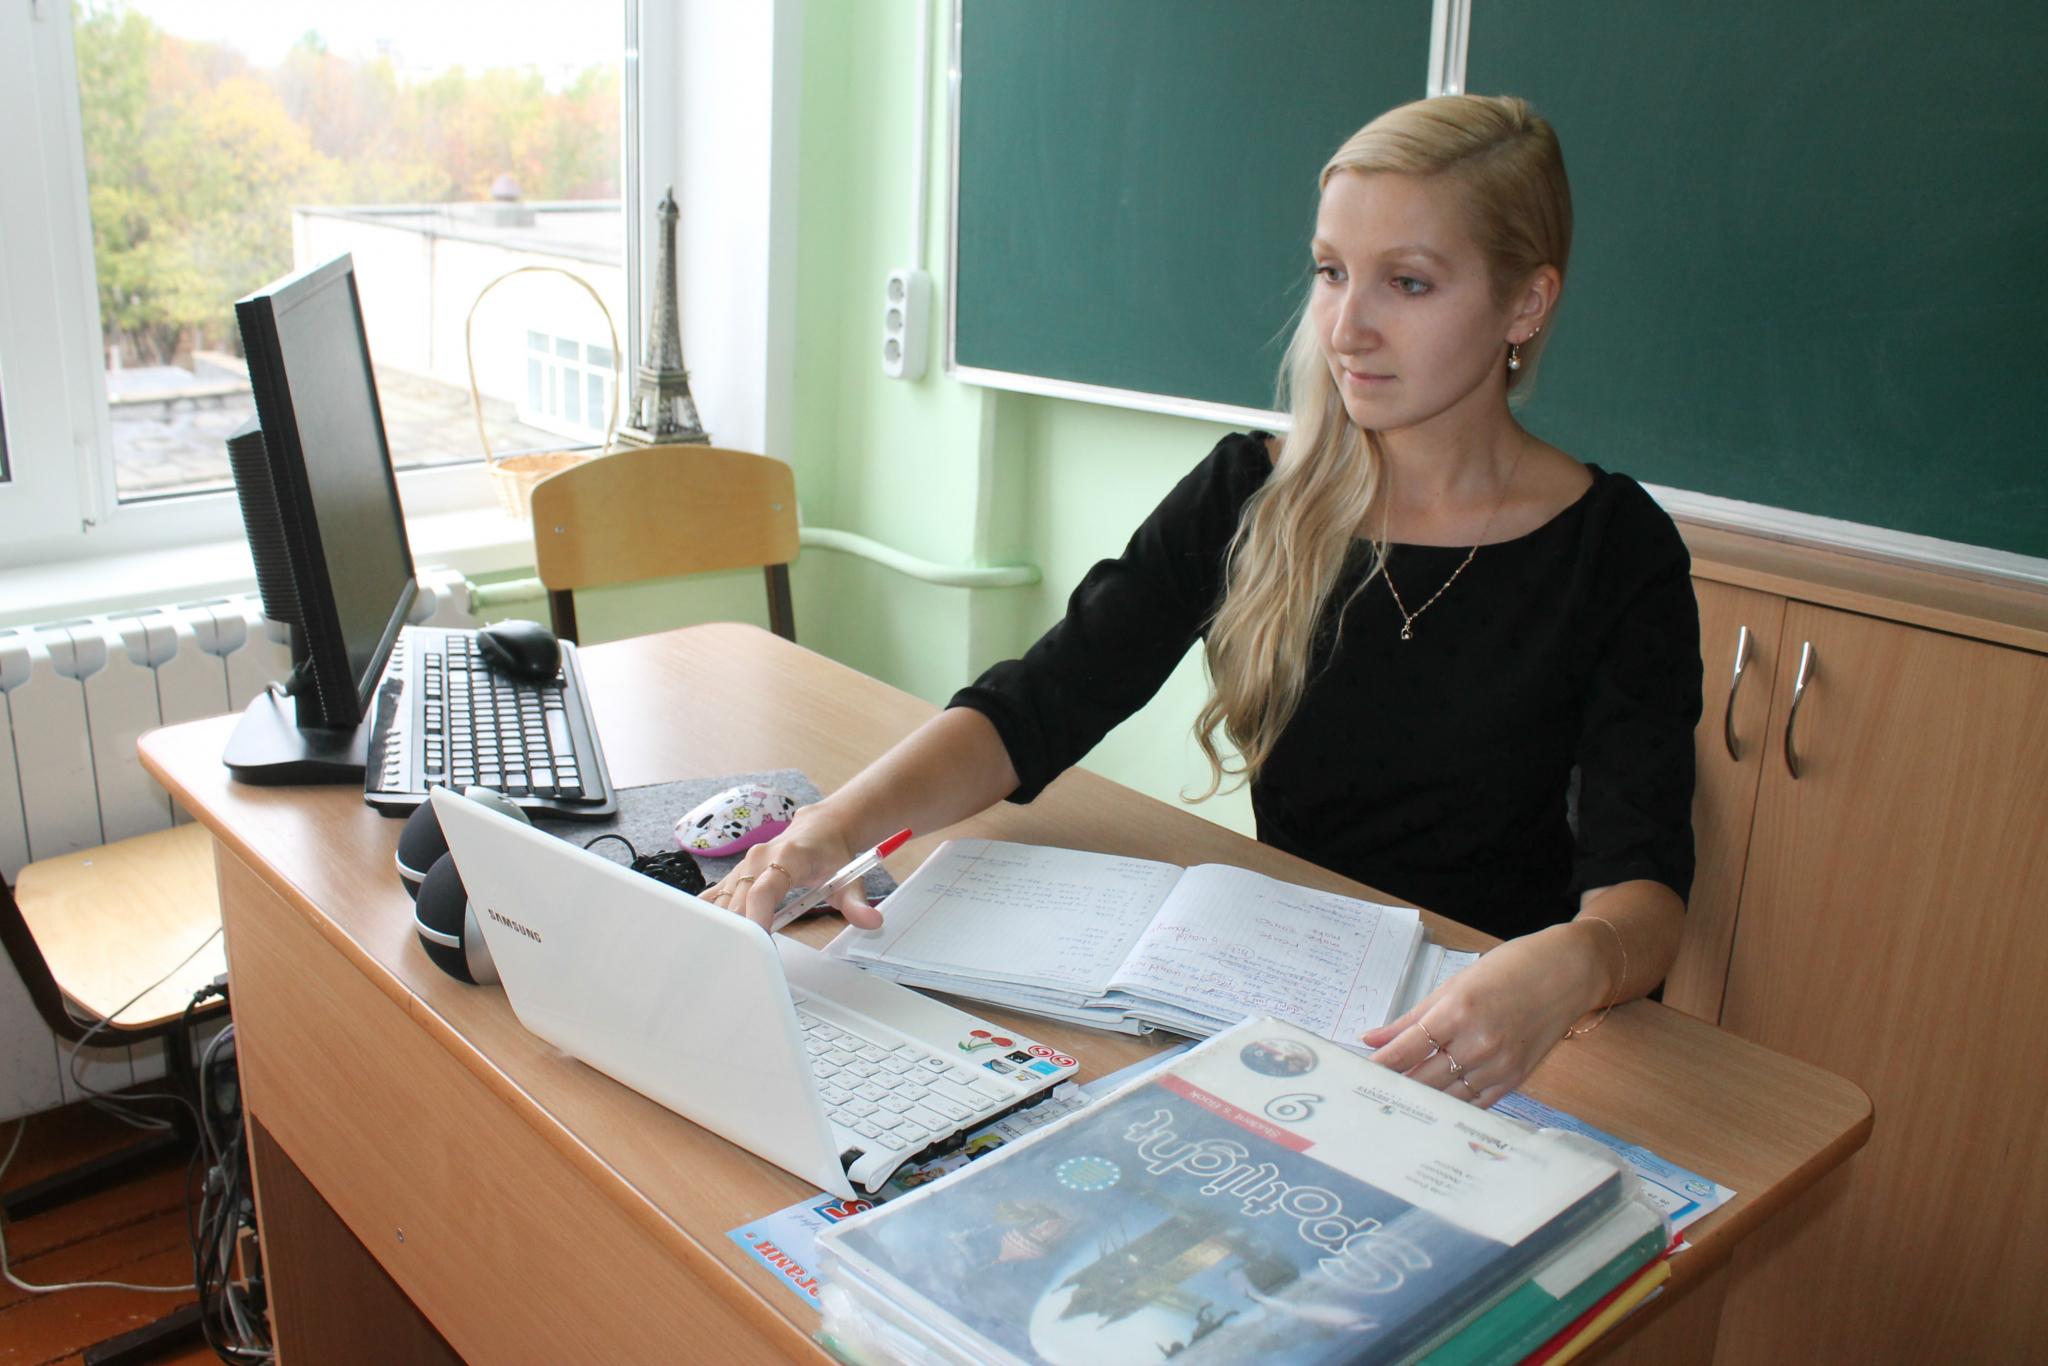 Три учителя из Кирово-Чепецка получат по 200 тысяч рублей